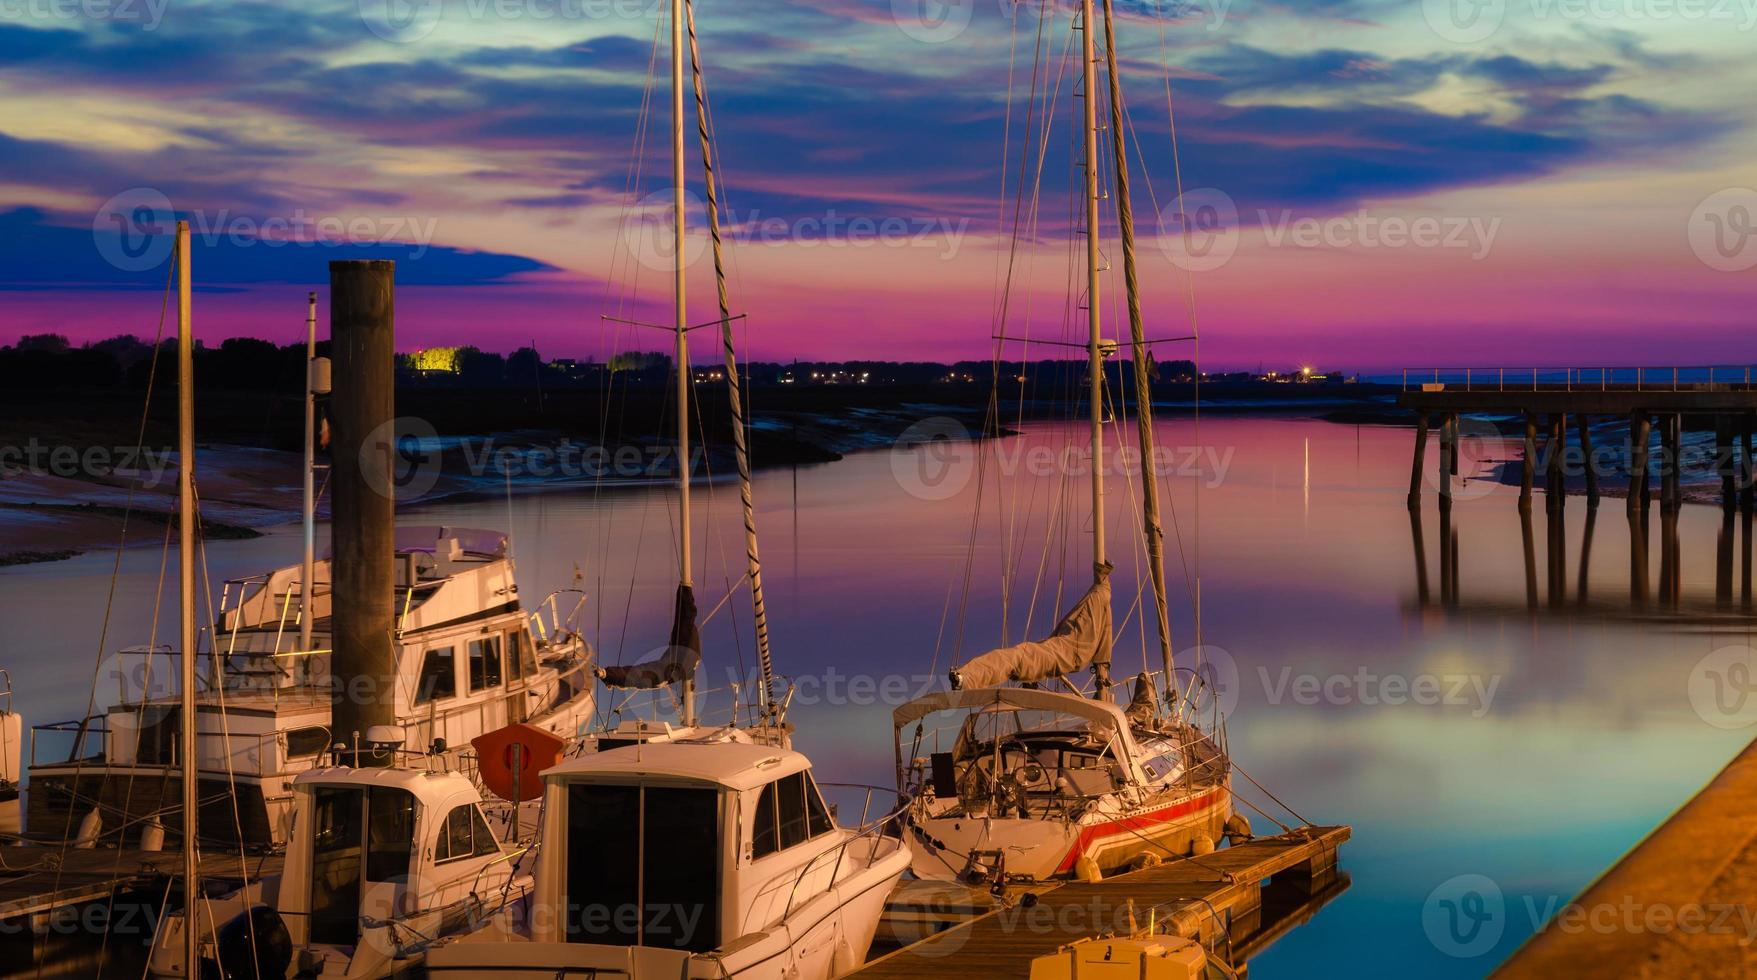 segelbåtar dockade på marin i vacker solnedgång foto